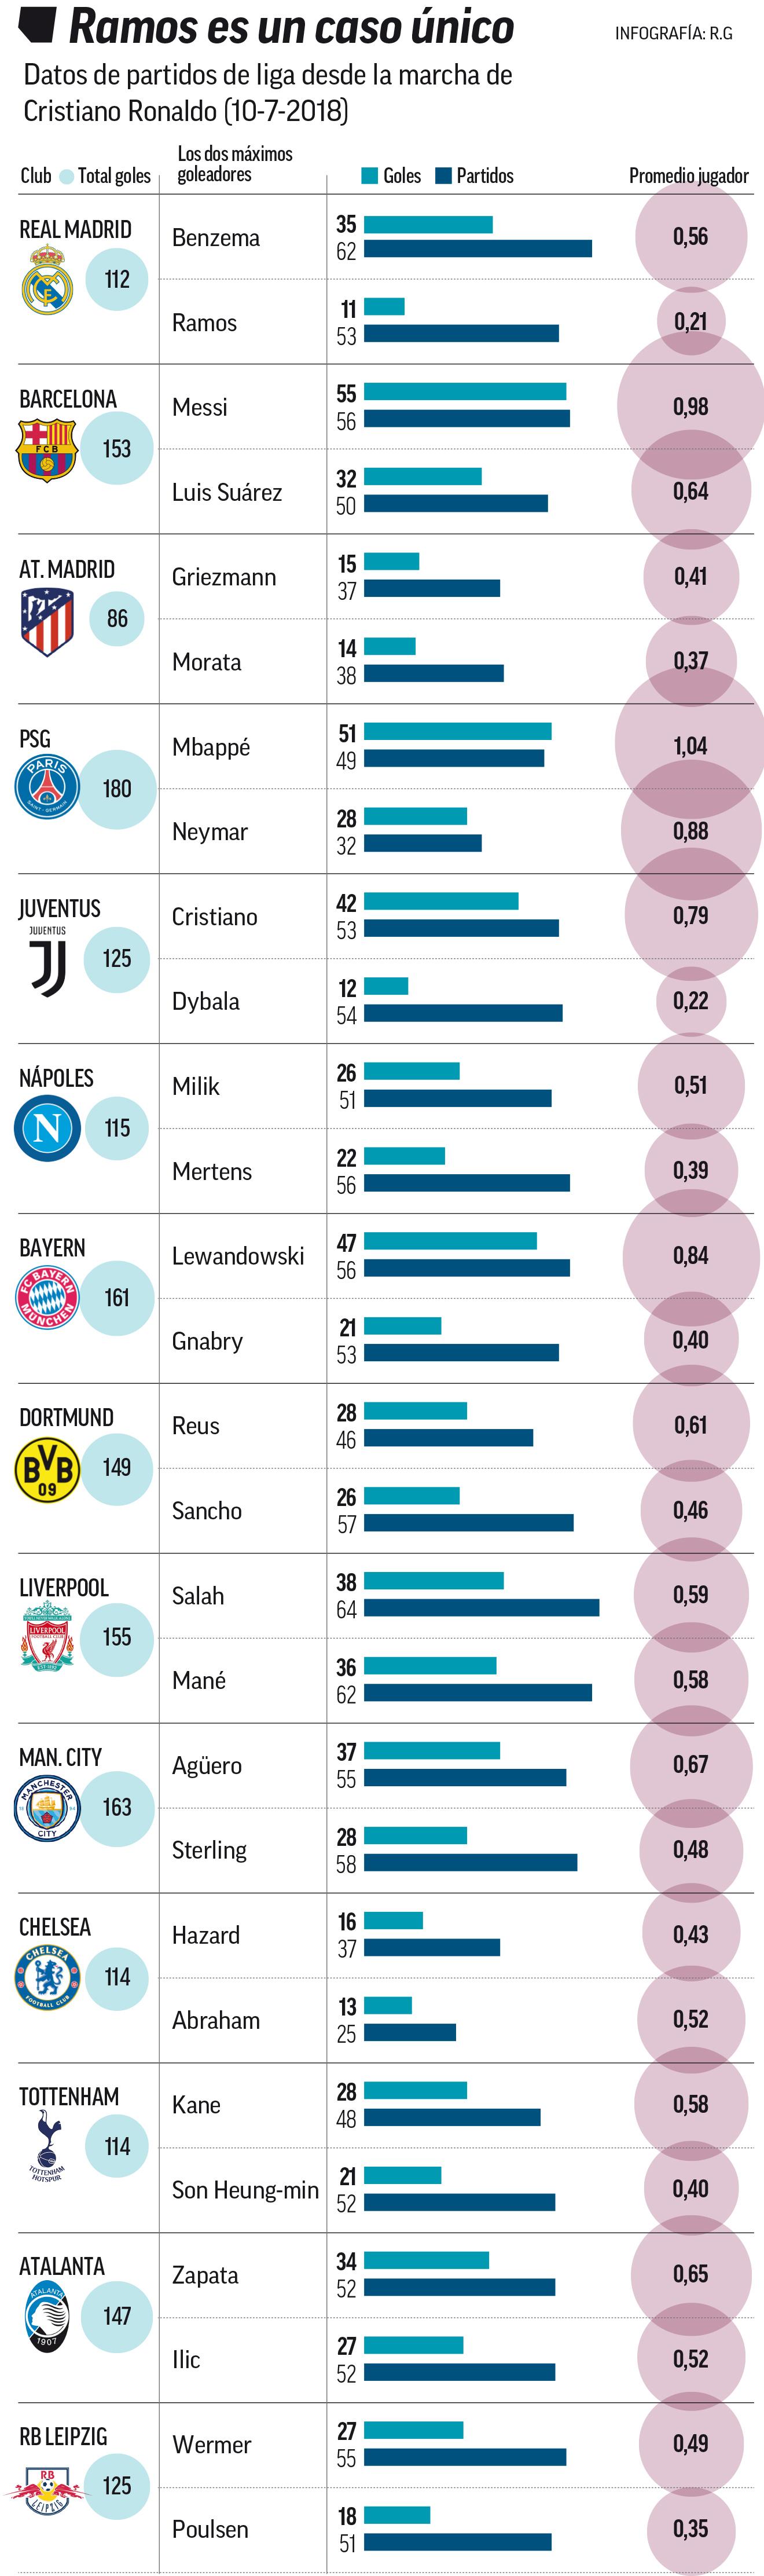 Bagan statistik perbandingan gol para pemain bintang dunia. sumber: Marca